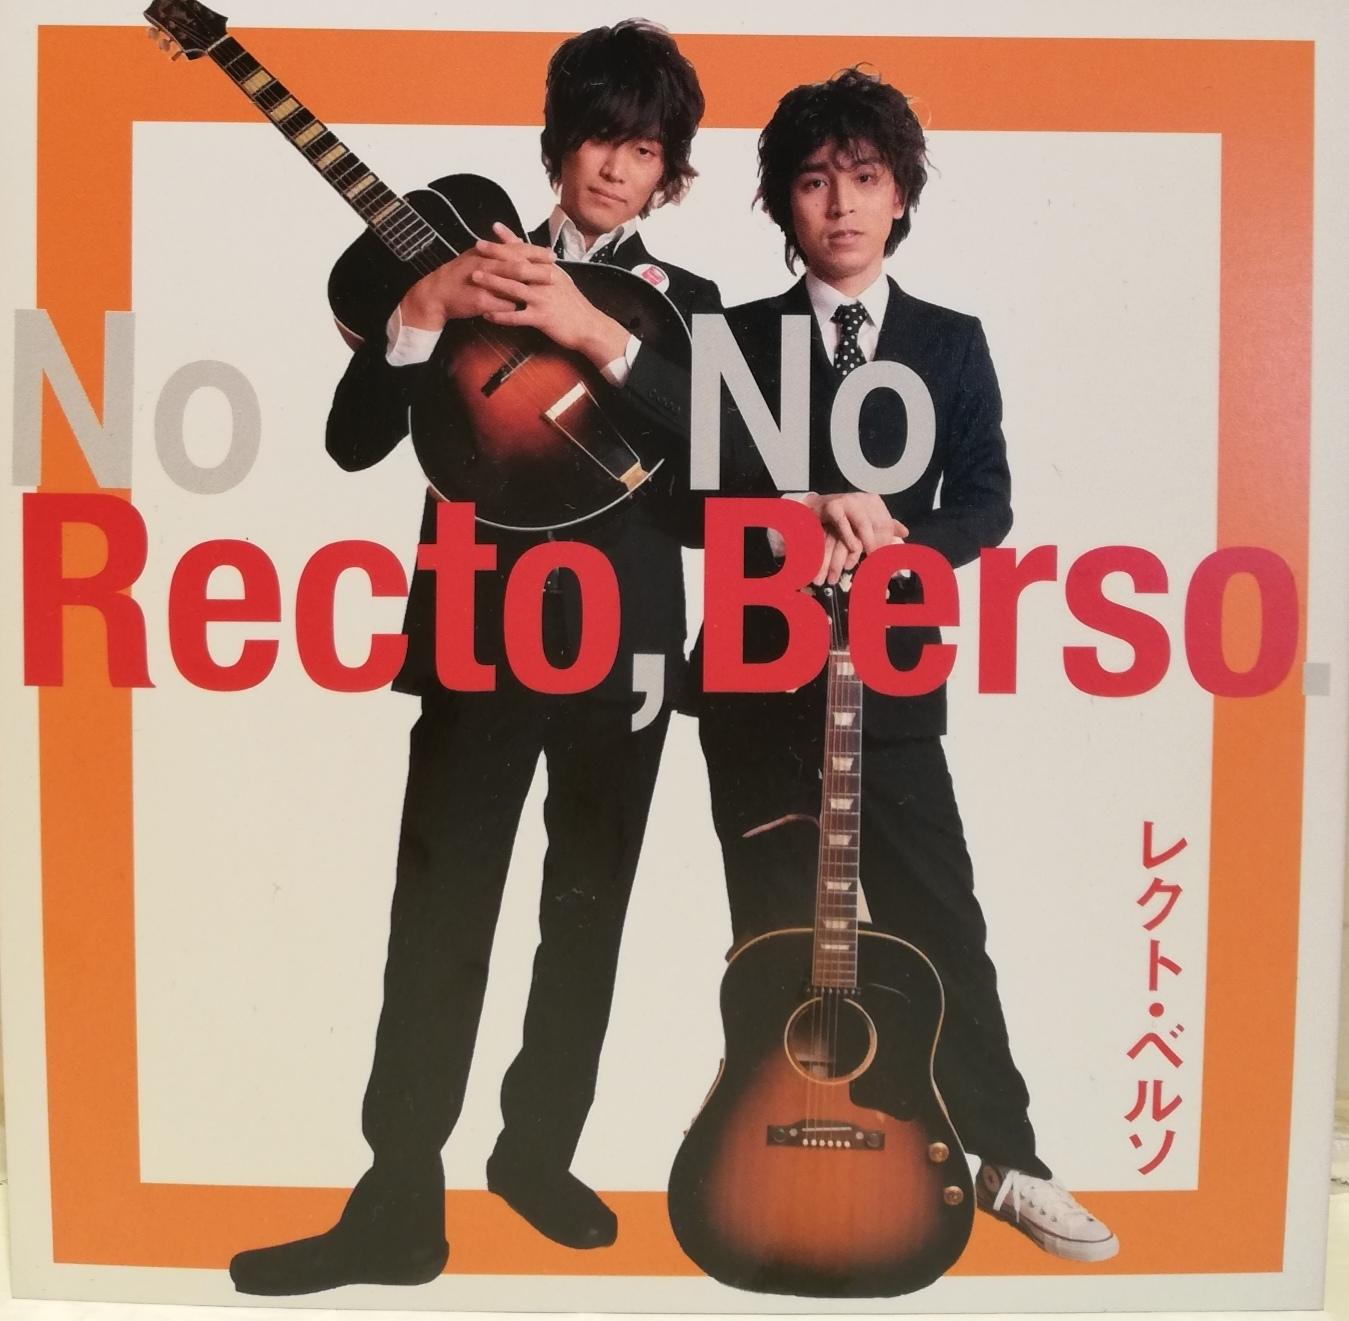 Recto Berso ライブします!_f0324460_11373265.jpg